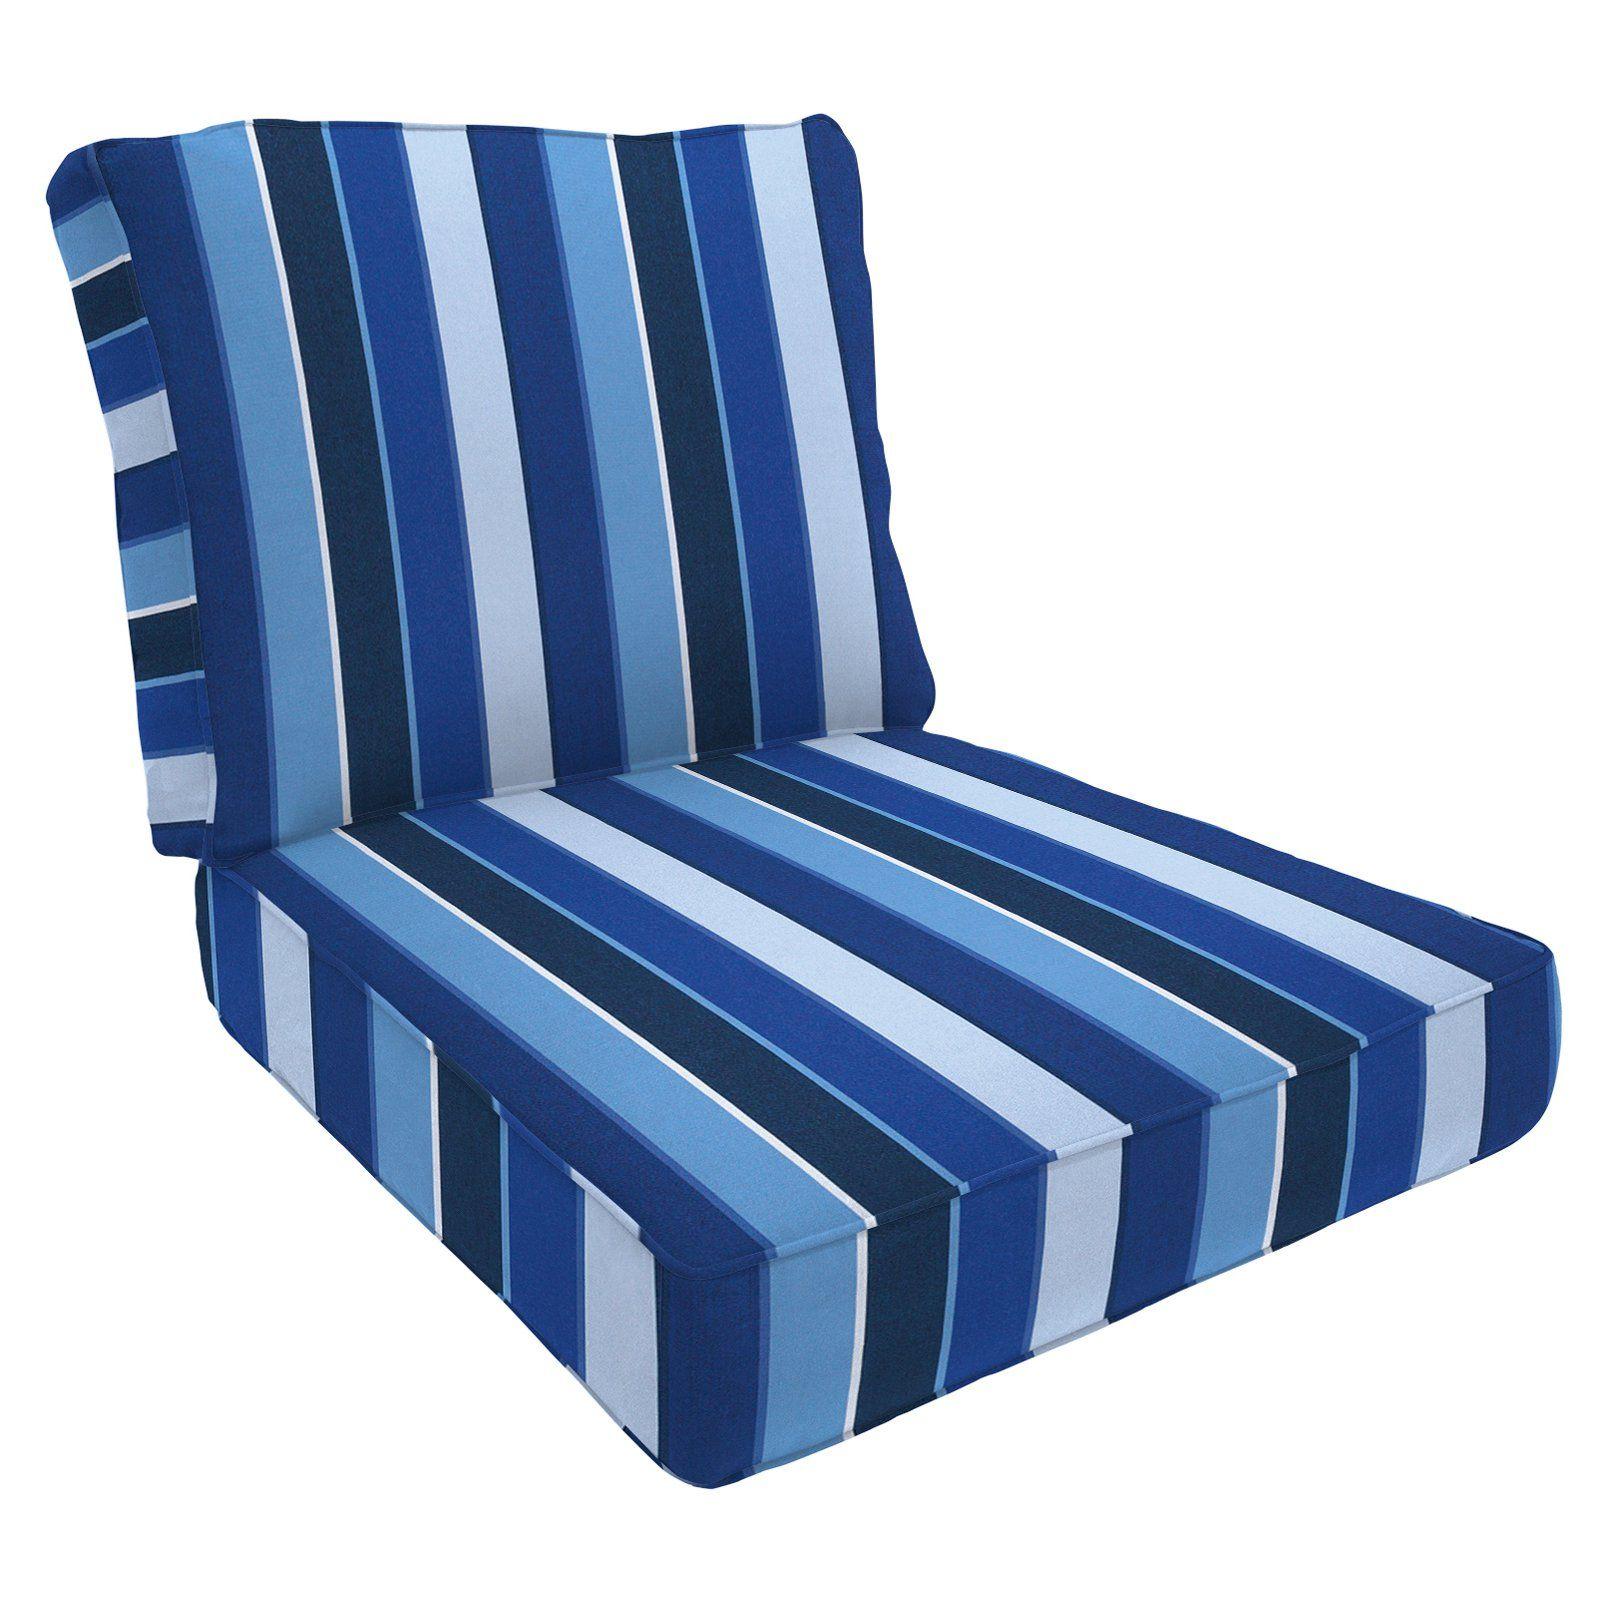 Eddie Bauer Sunbrella Deep Seating Lounge Chair Cushion